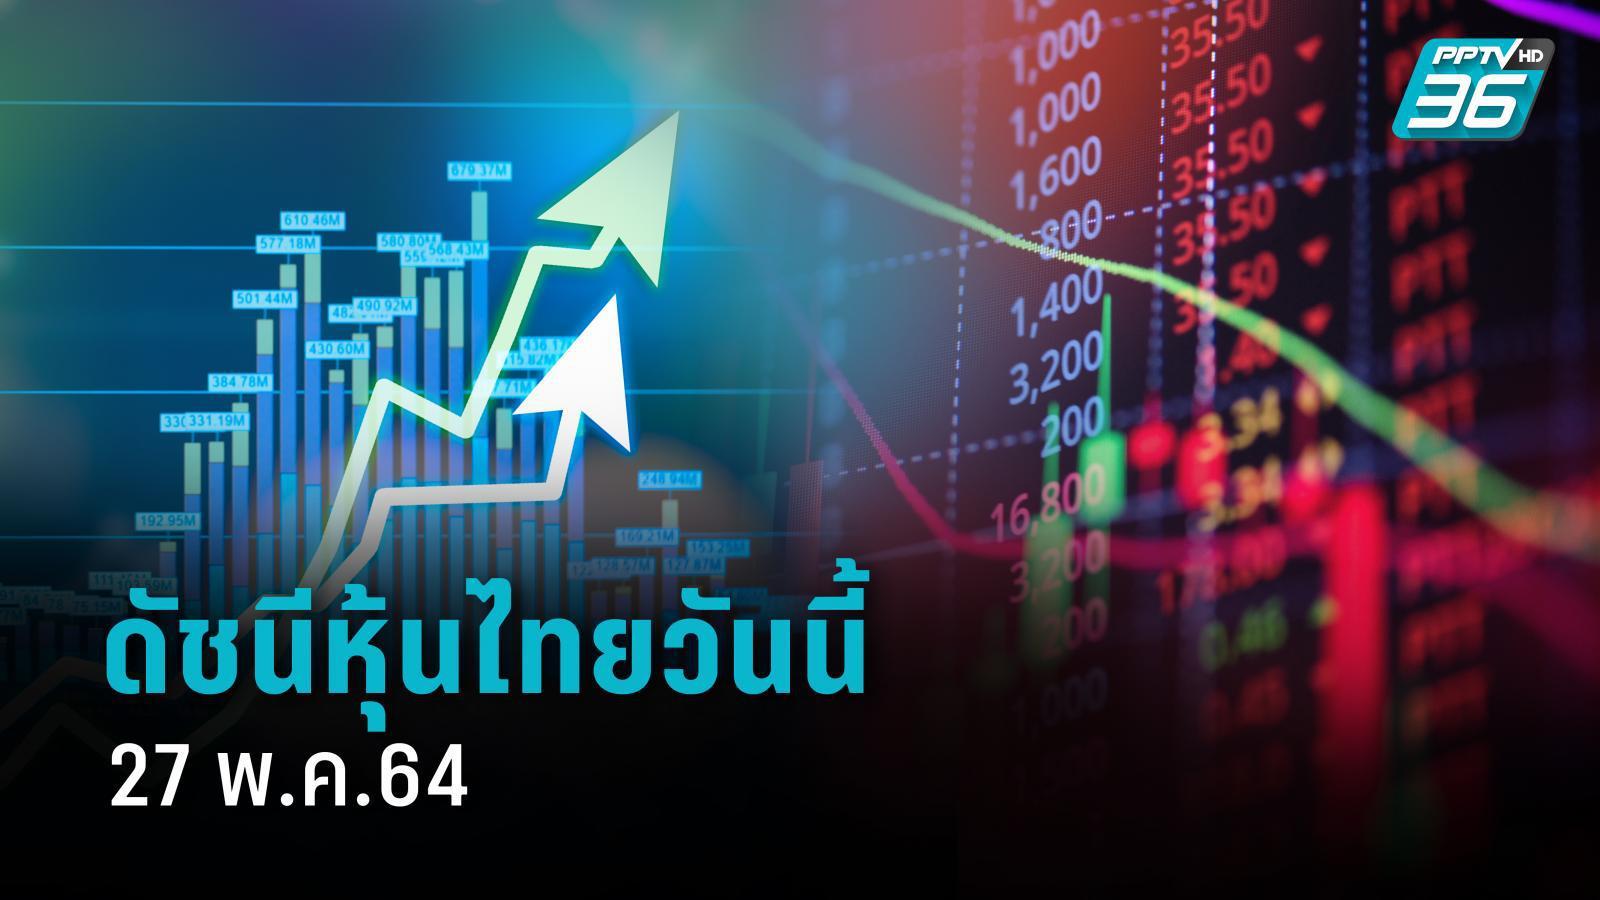 หุ้นไทยวันนี้ (27 พ.ค.64)ปิดที่ระดับ 1,582.96 จุด เพิ่มขึ้น 14.38 จุด